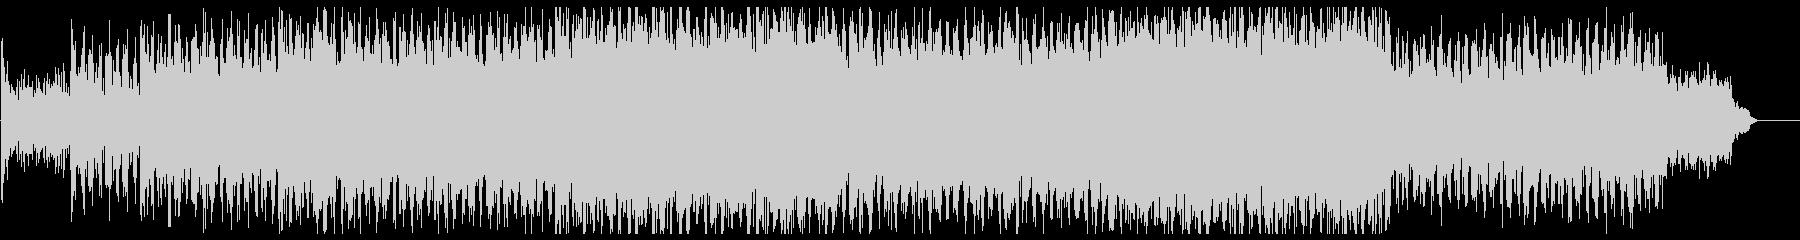 明るく朗らかなテクノビートポップサウンドの未再生の波形